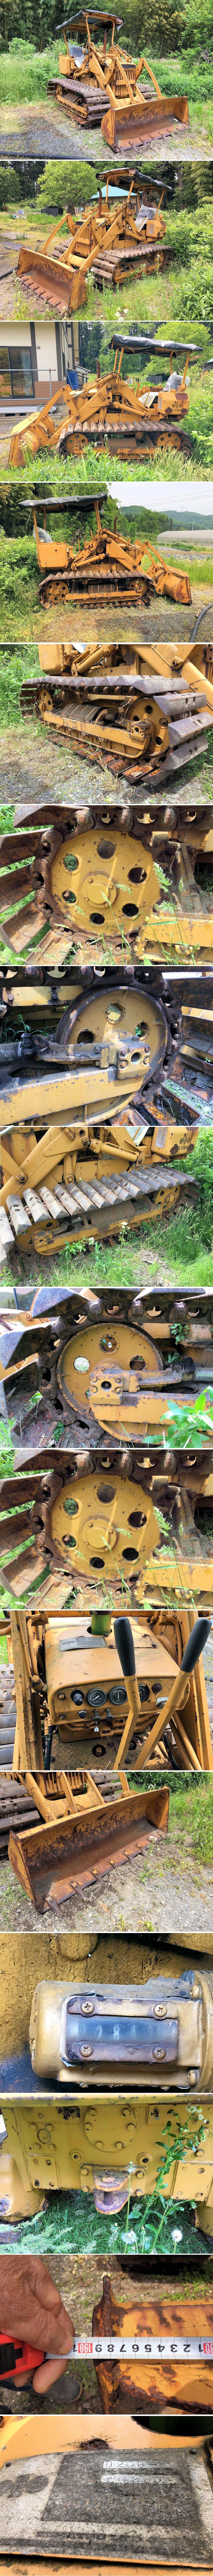 コマツ D20Q-3 ブルドーザー 湿地キャタ 3角シュー 35馬力 2842時間 完全実働品 中古